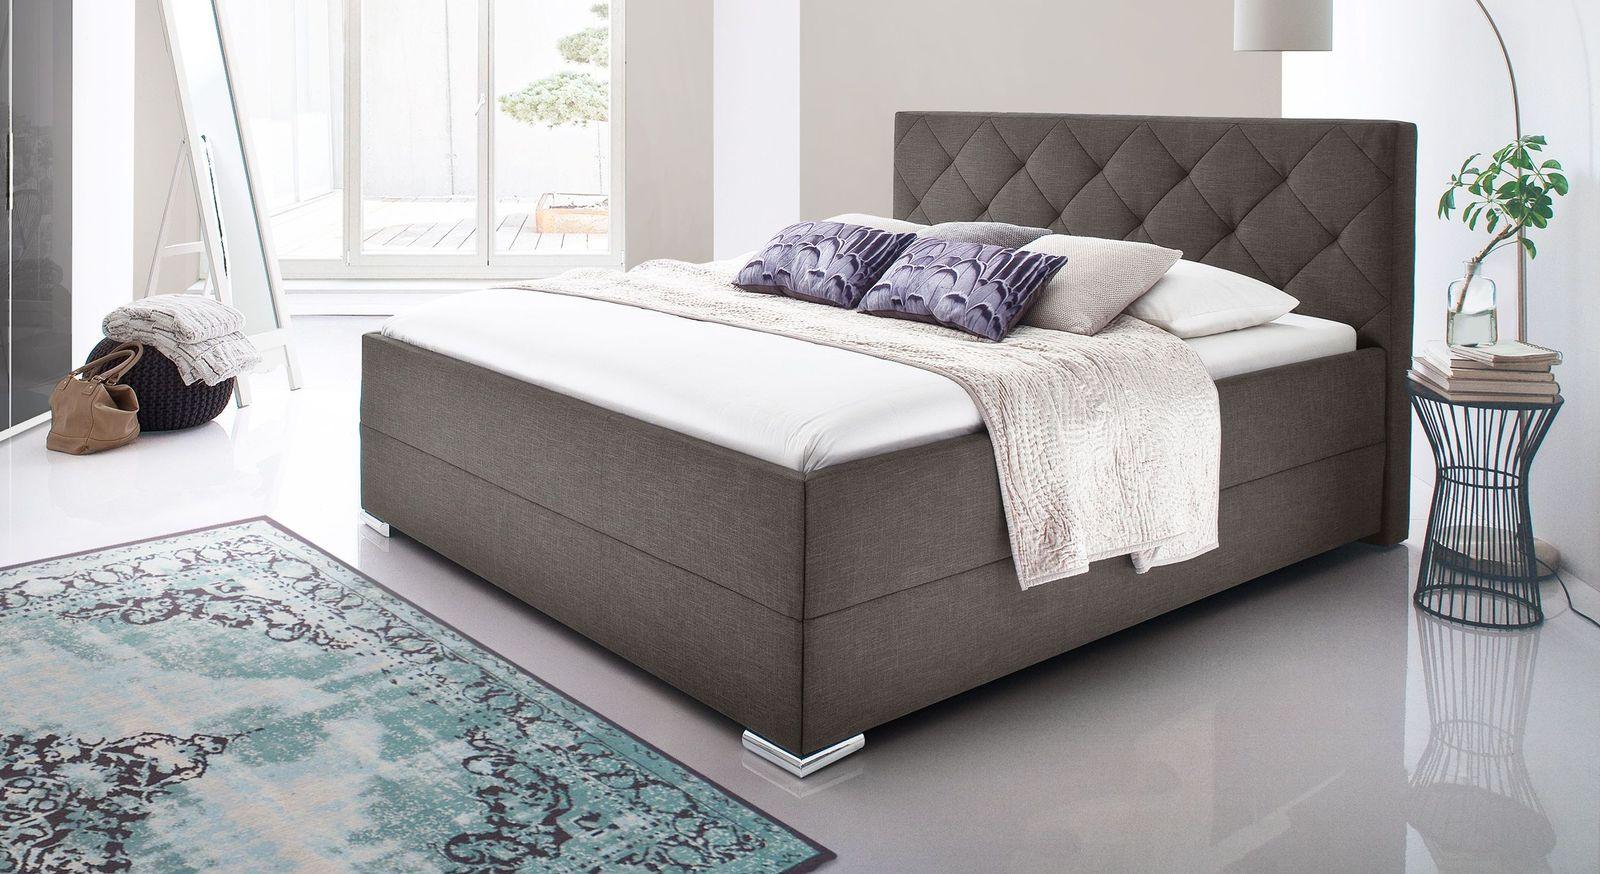 Braunes Bett Perryville aus pflegeleichtem Webstoff